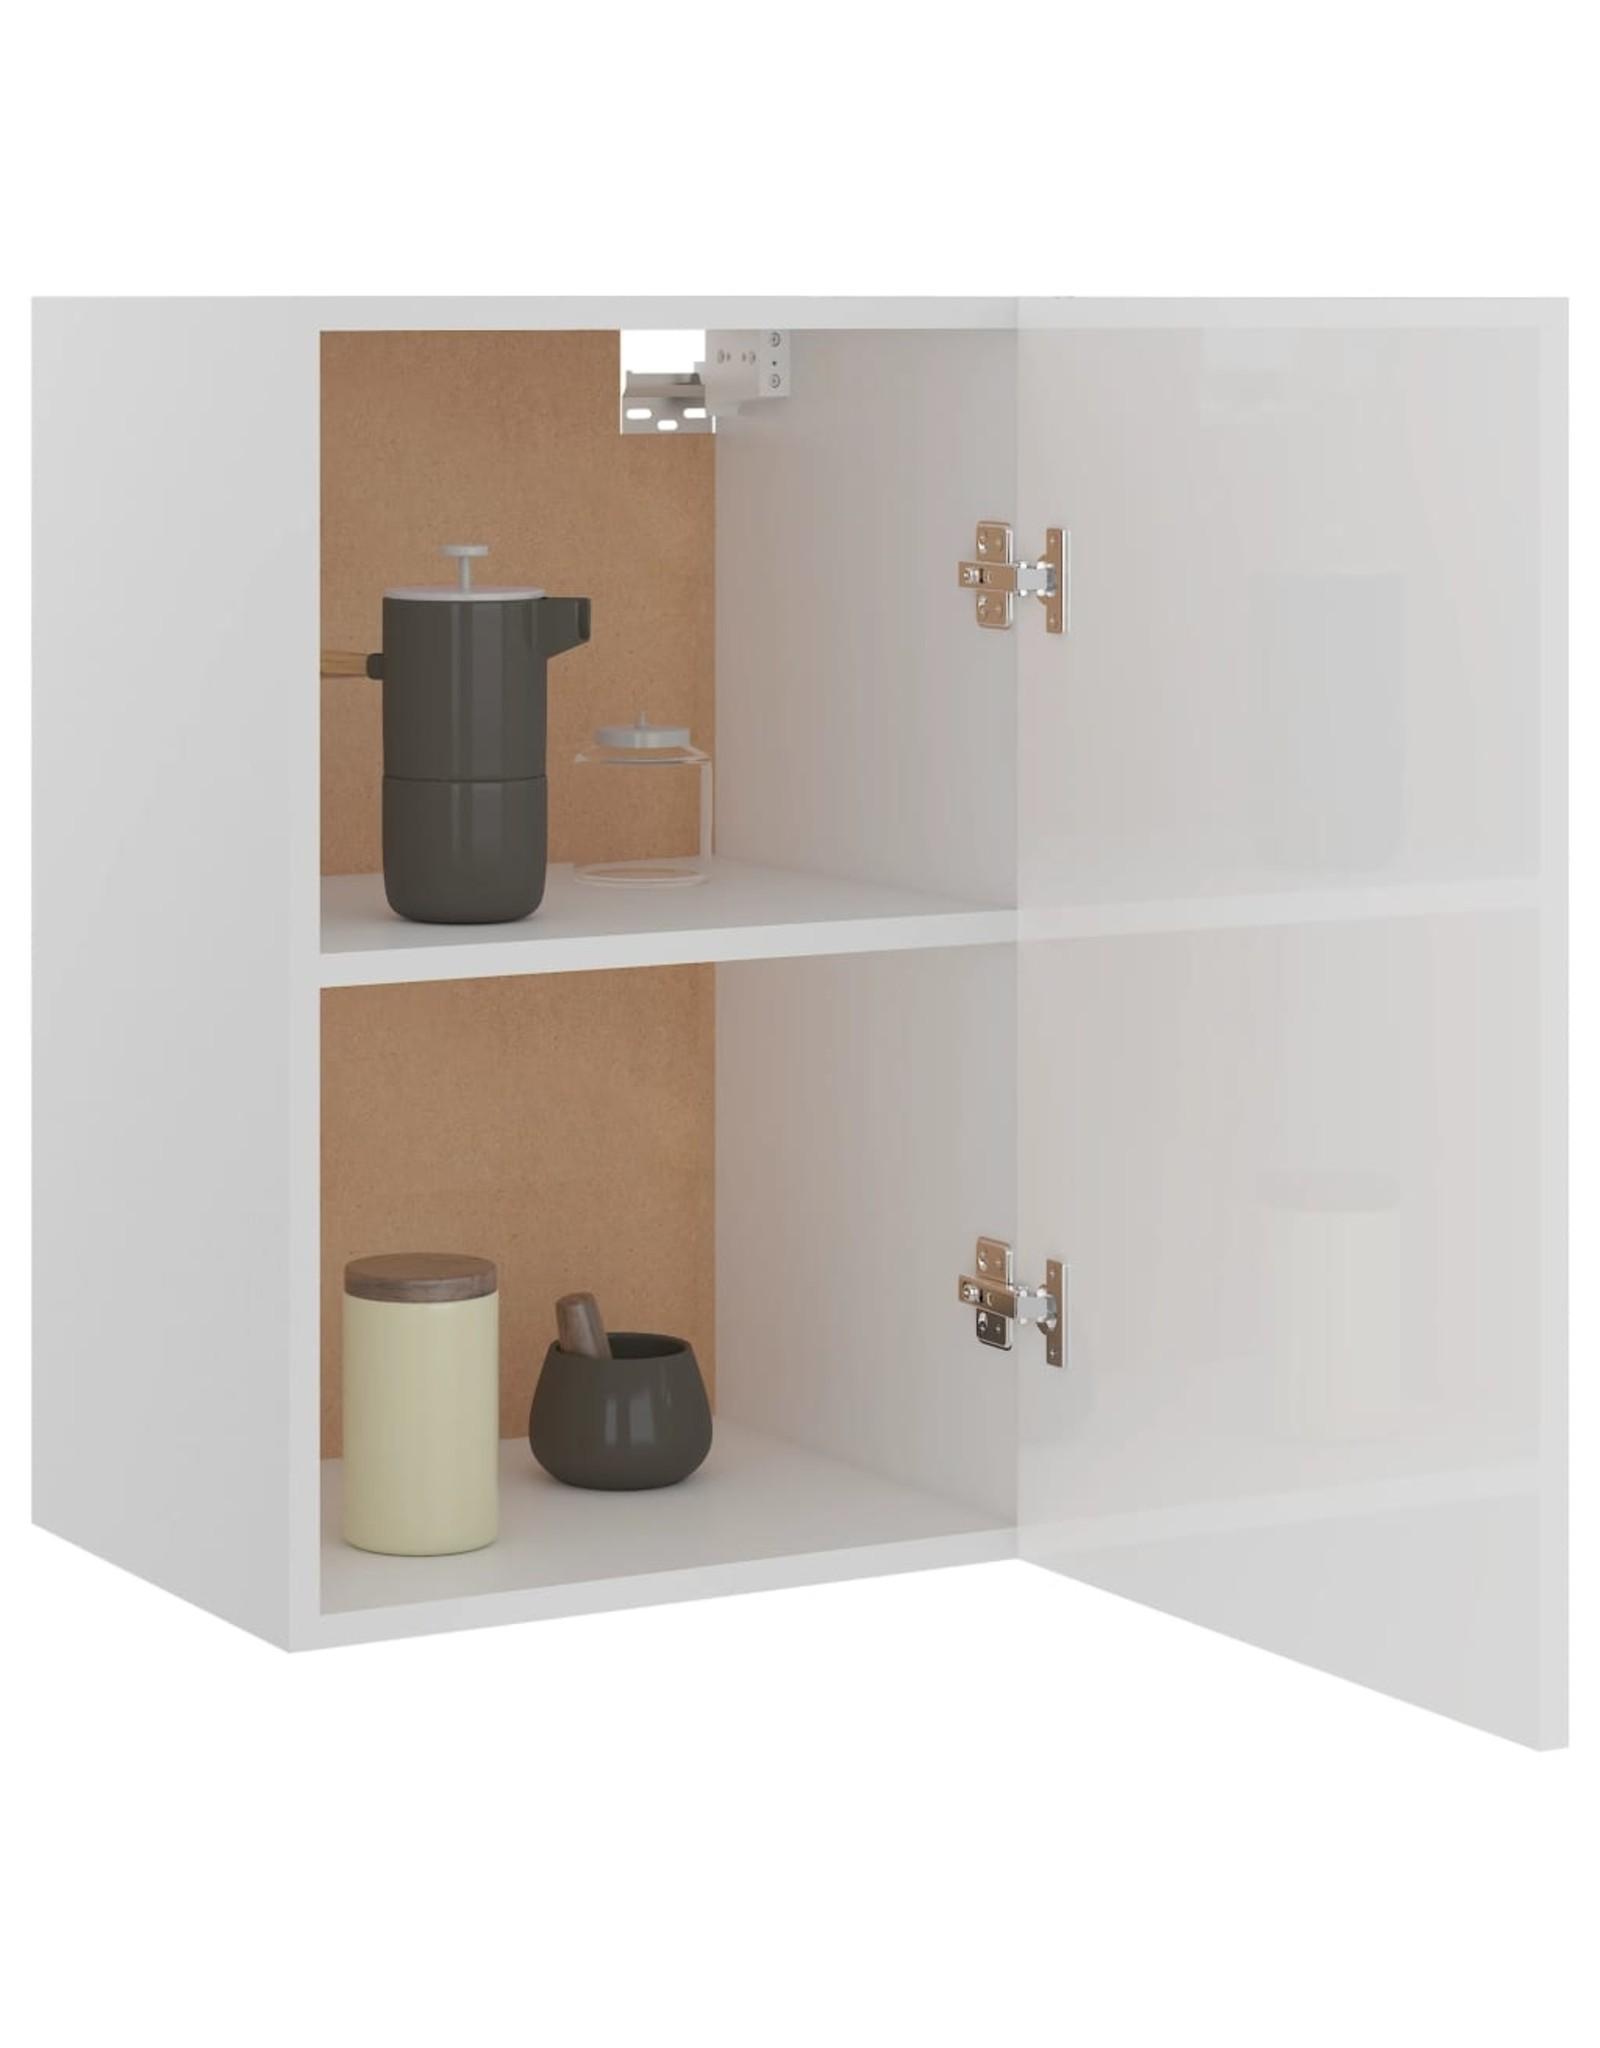 Hangkast 39,5x31x60 cm spaanplaat hoogglans wit